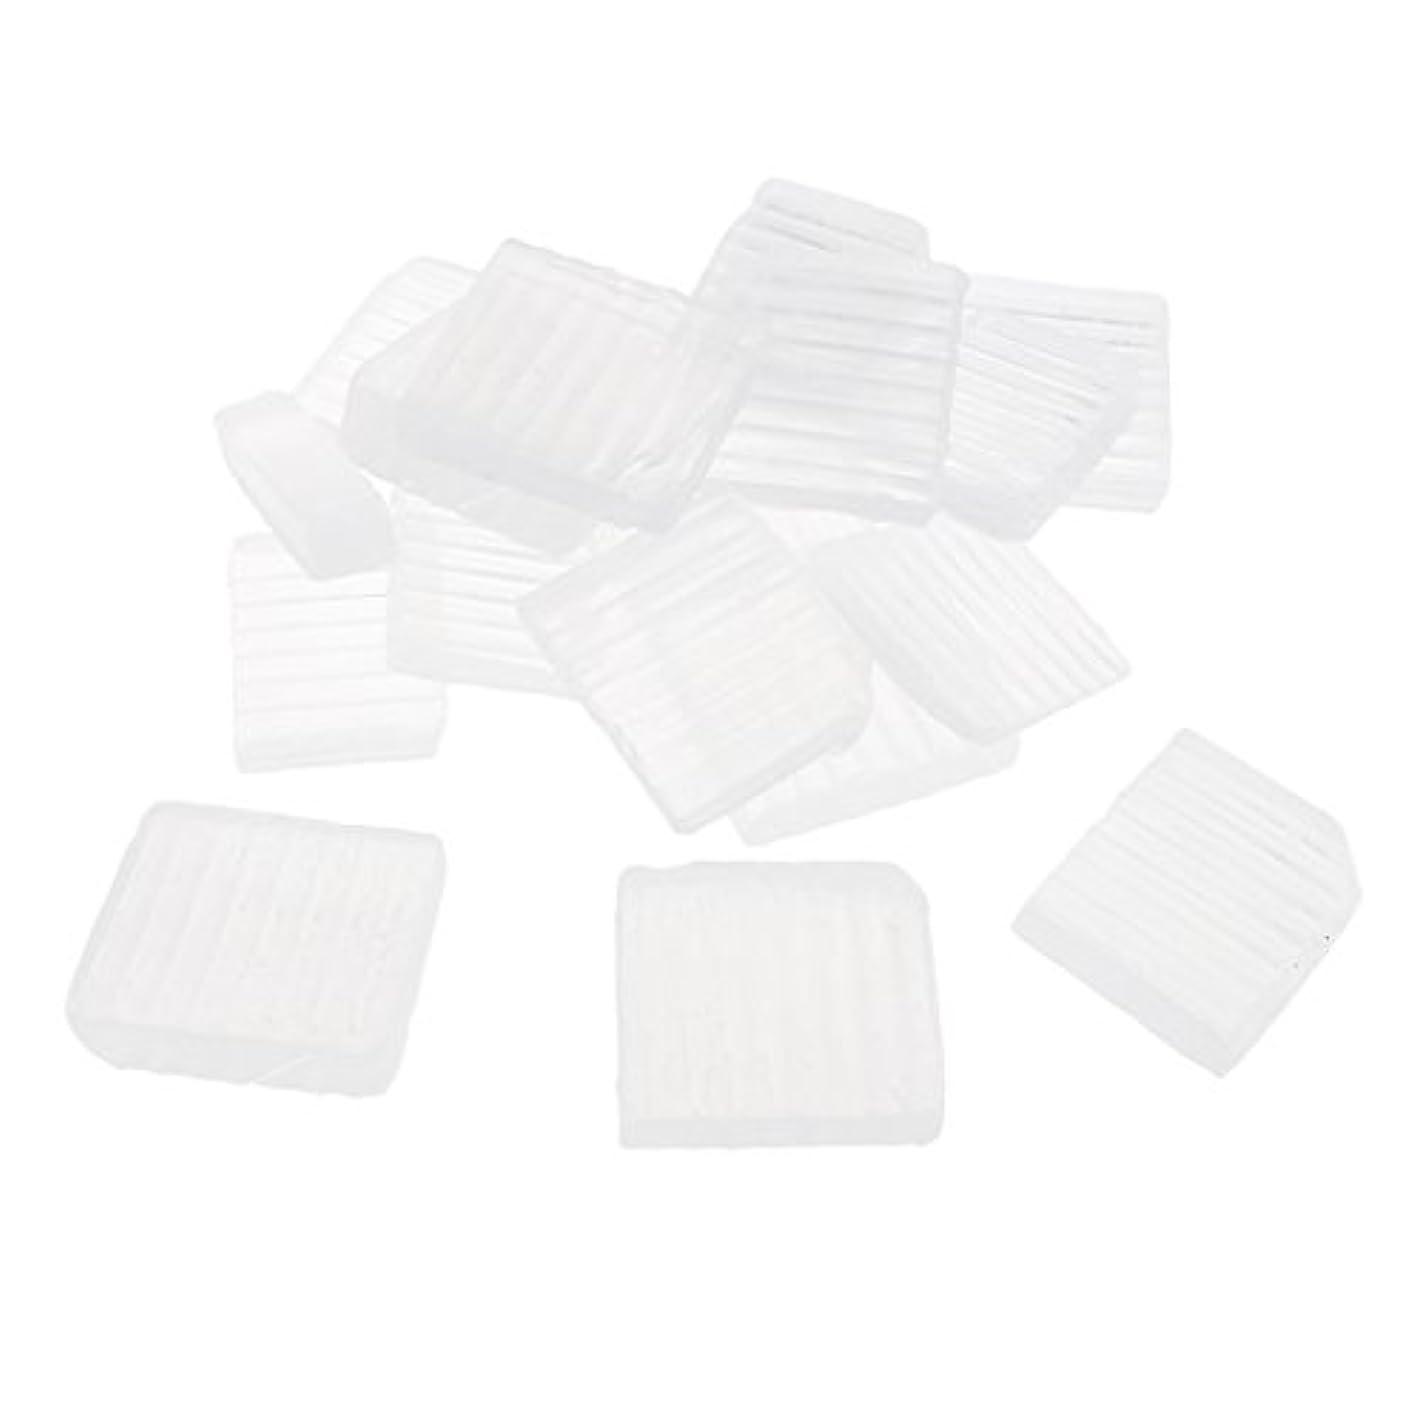 モノグラフうなるサミットSharplace 透明 石鹸ベース DIY 手作り 石鹸 約1 KG